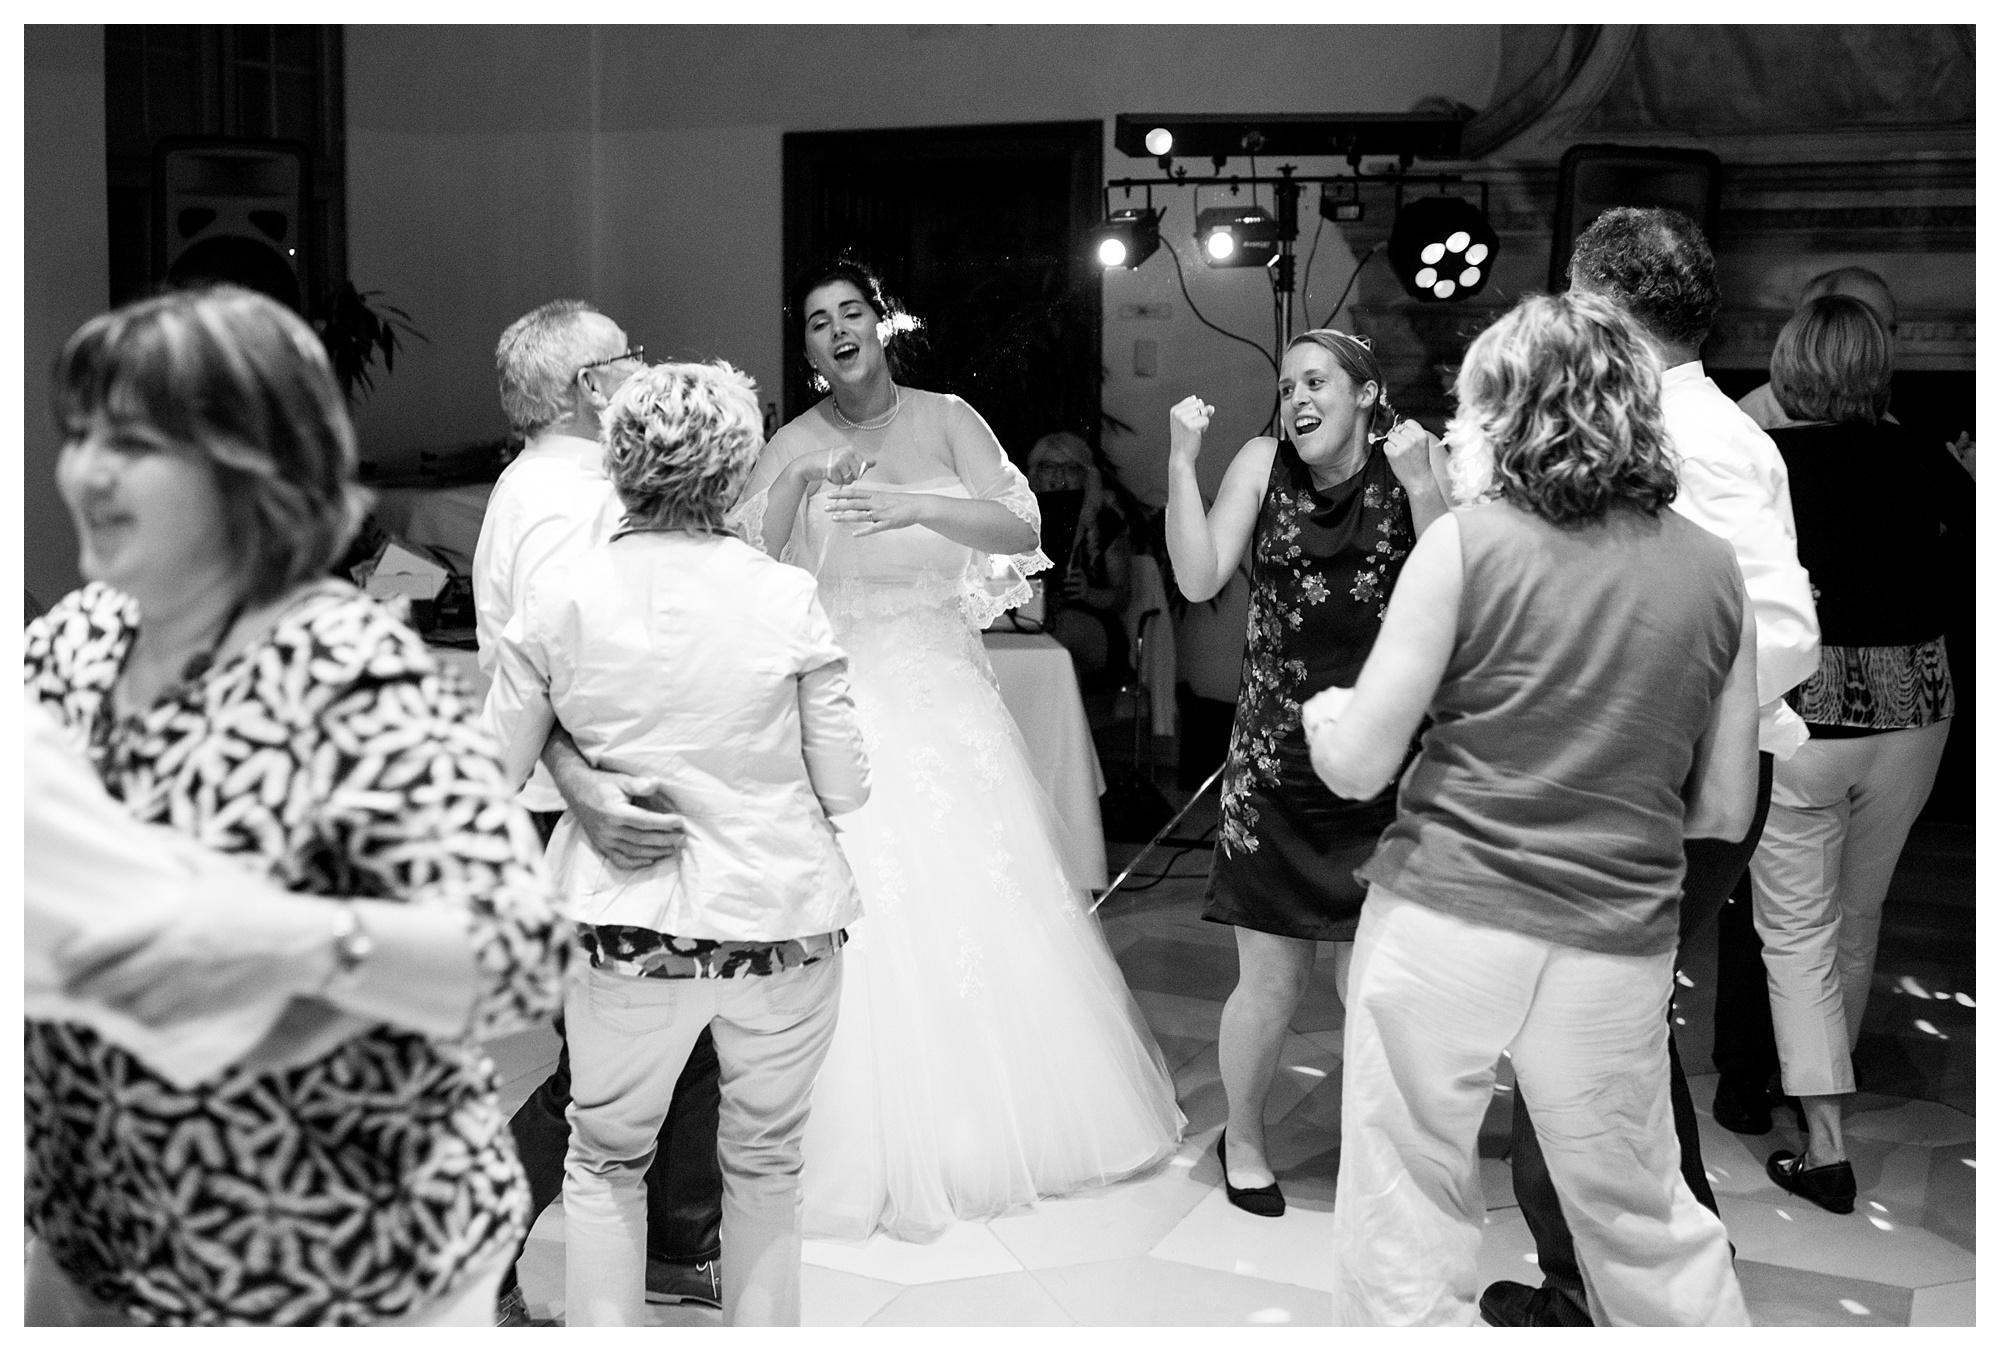 Fotograf Konstanz - Hochzeit Tanja Elmar Elmar Feuerbacher Photography Konstanz Messkirch Highlights 111 - Hochzeitsreportage von Tanja und Elmar im Schloss Meßkirch  - 210 -